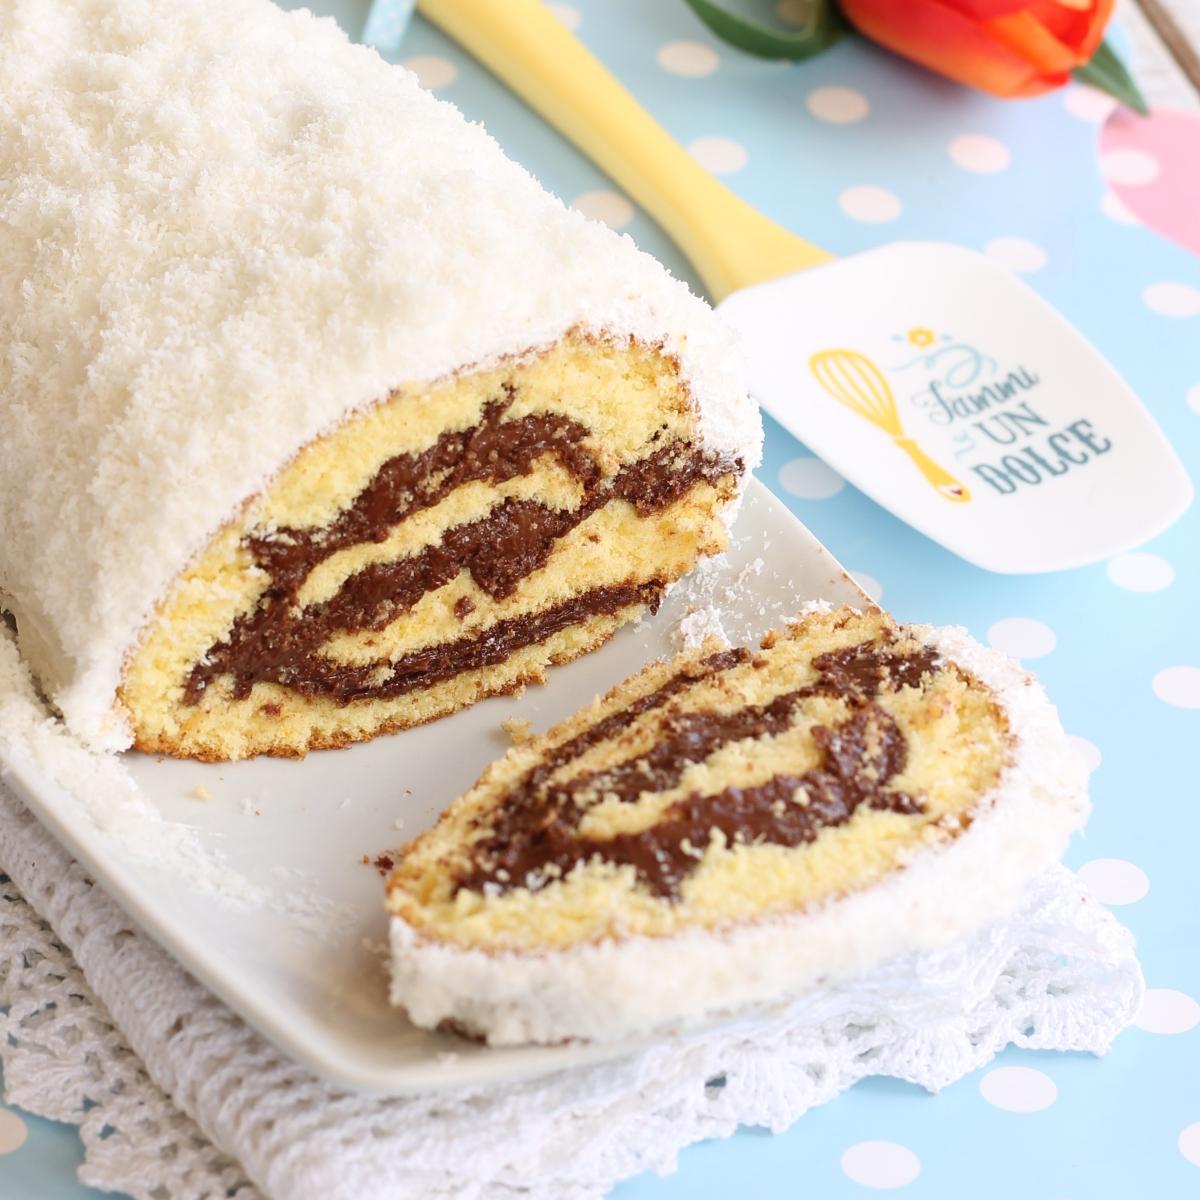 ROTOLO NUTELLA E COCCO ricetta dolce cocco nutella